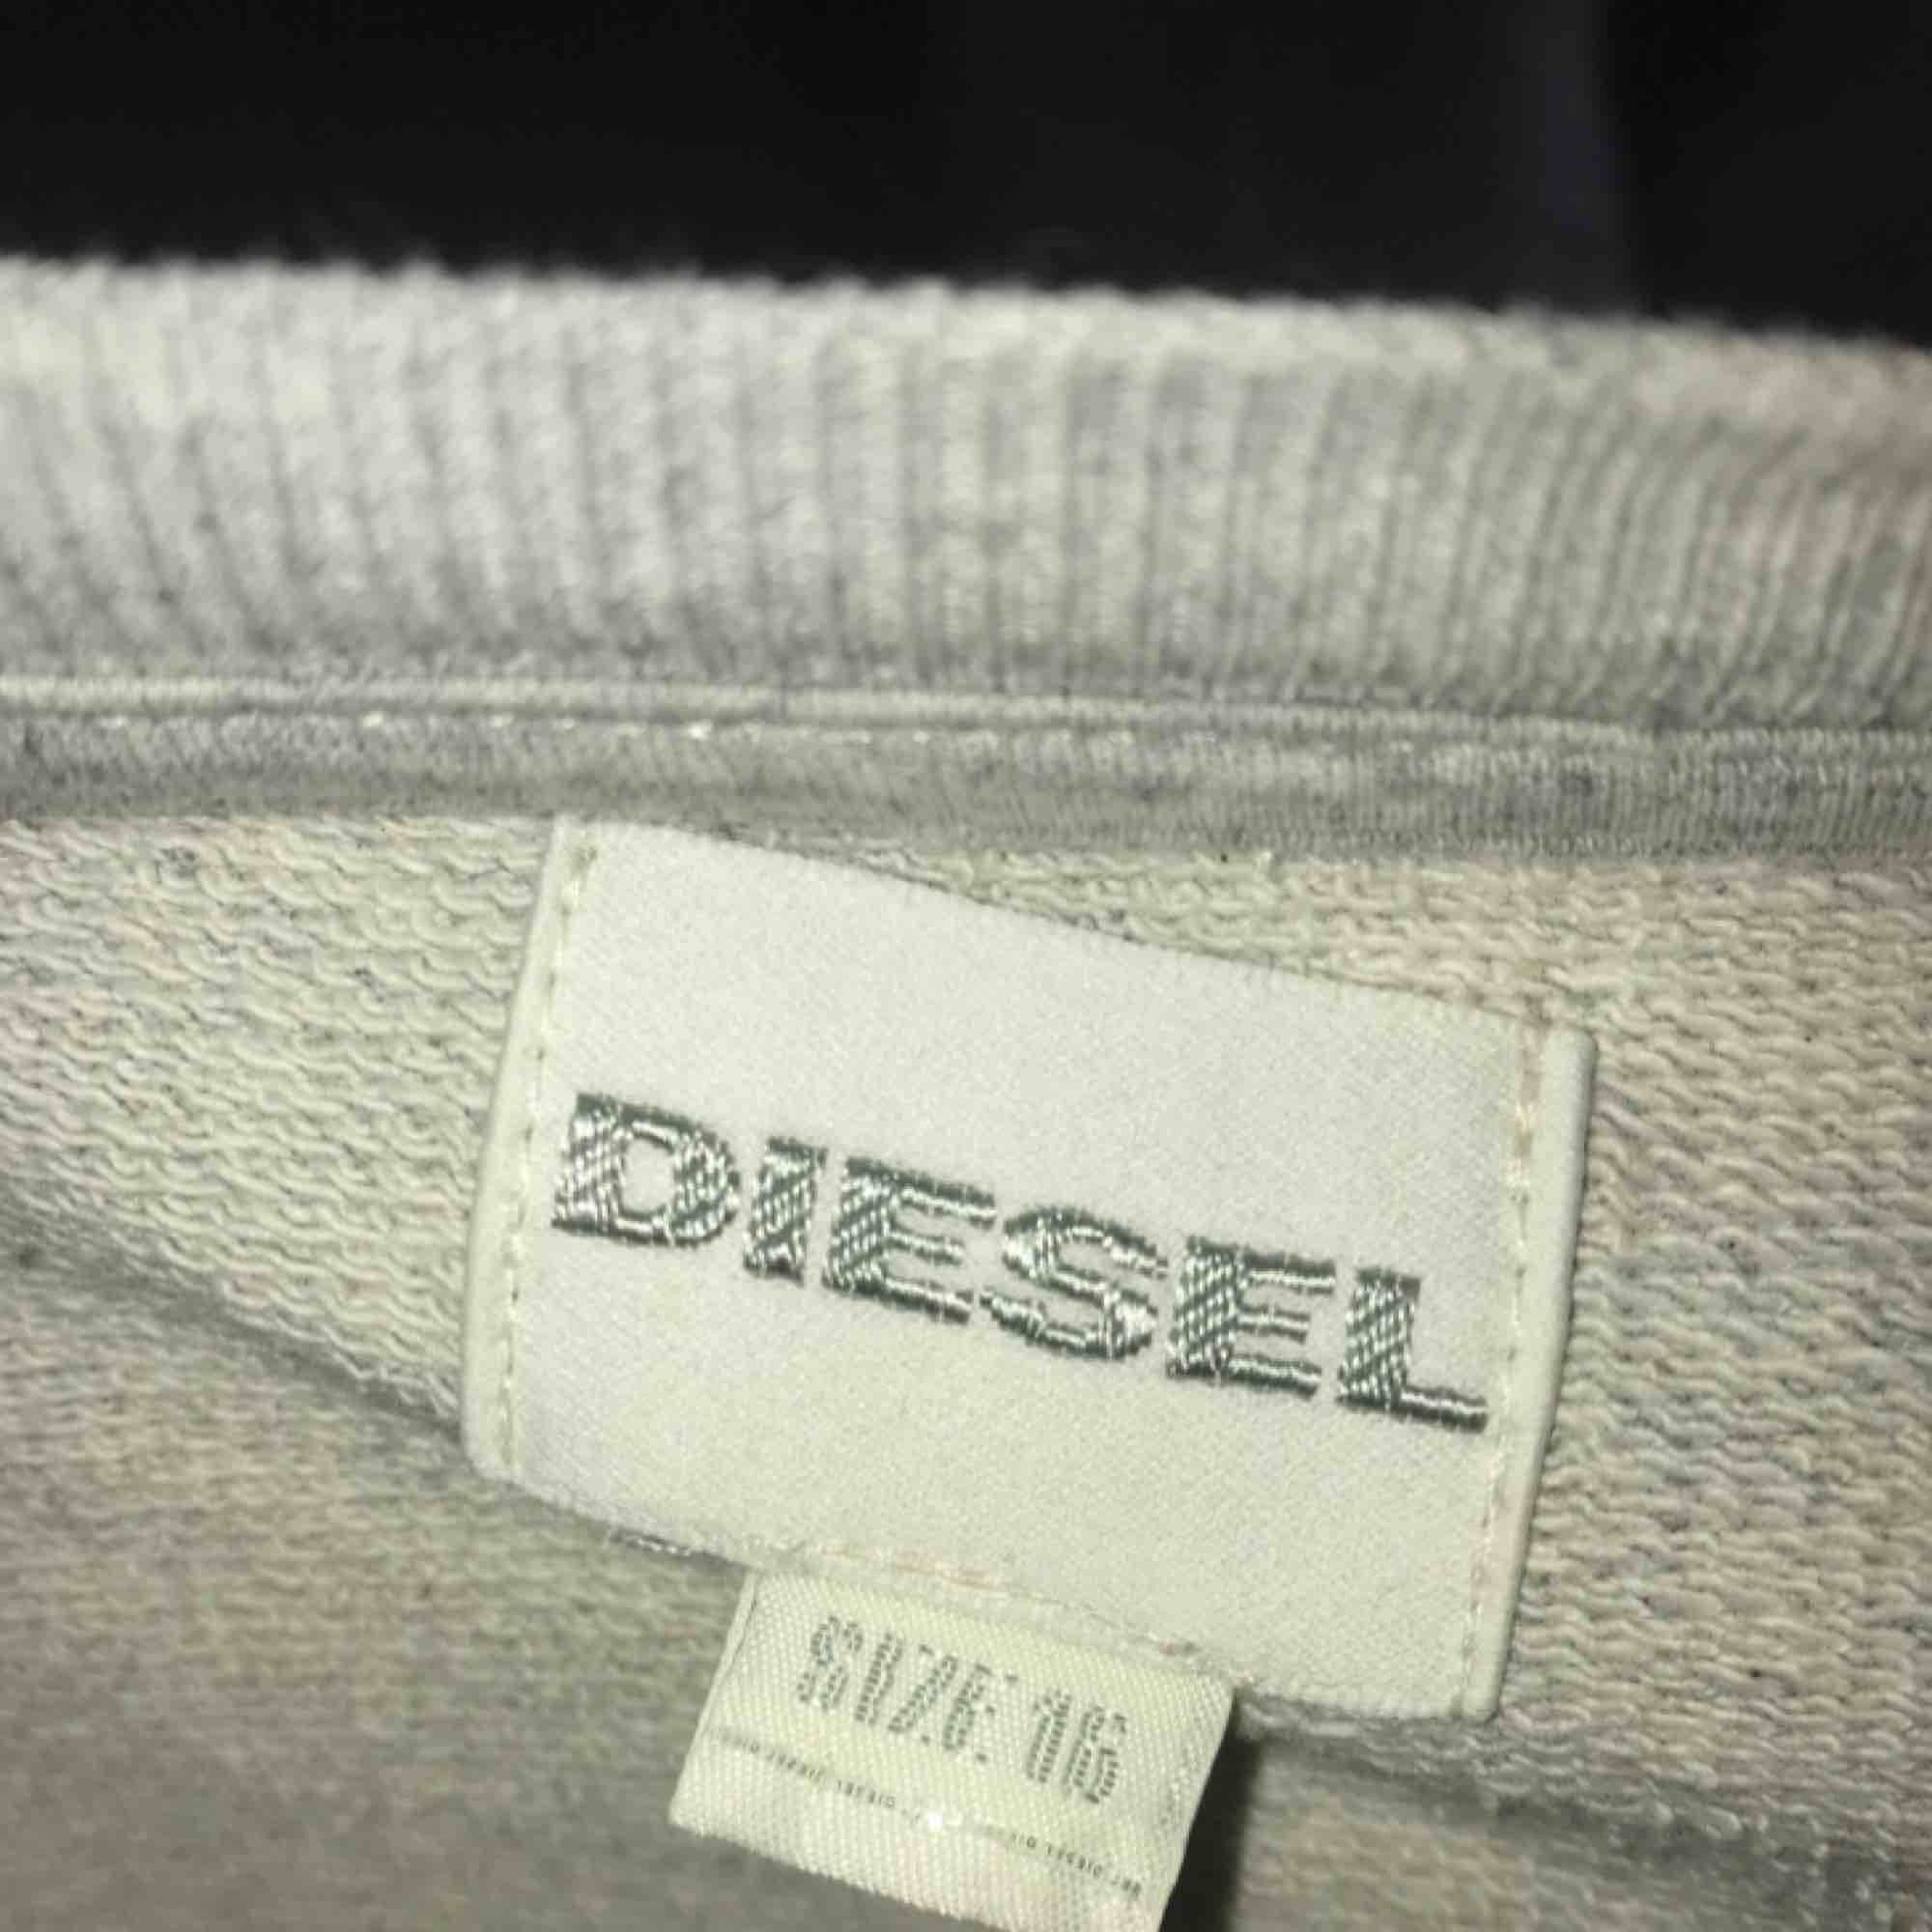 En väldigt snygg avklippt sweatshirt från diesel. Säljer pågrund av för lite användning :/ Den är grå med ett svart vit märke i mitten och sitter som en lite längre magtröja. Nypris: 200kr men säljer för 60kr+frakt. Toppar.